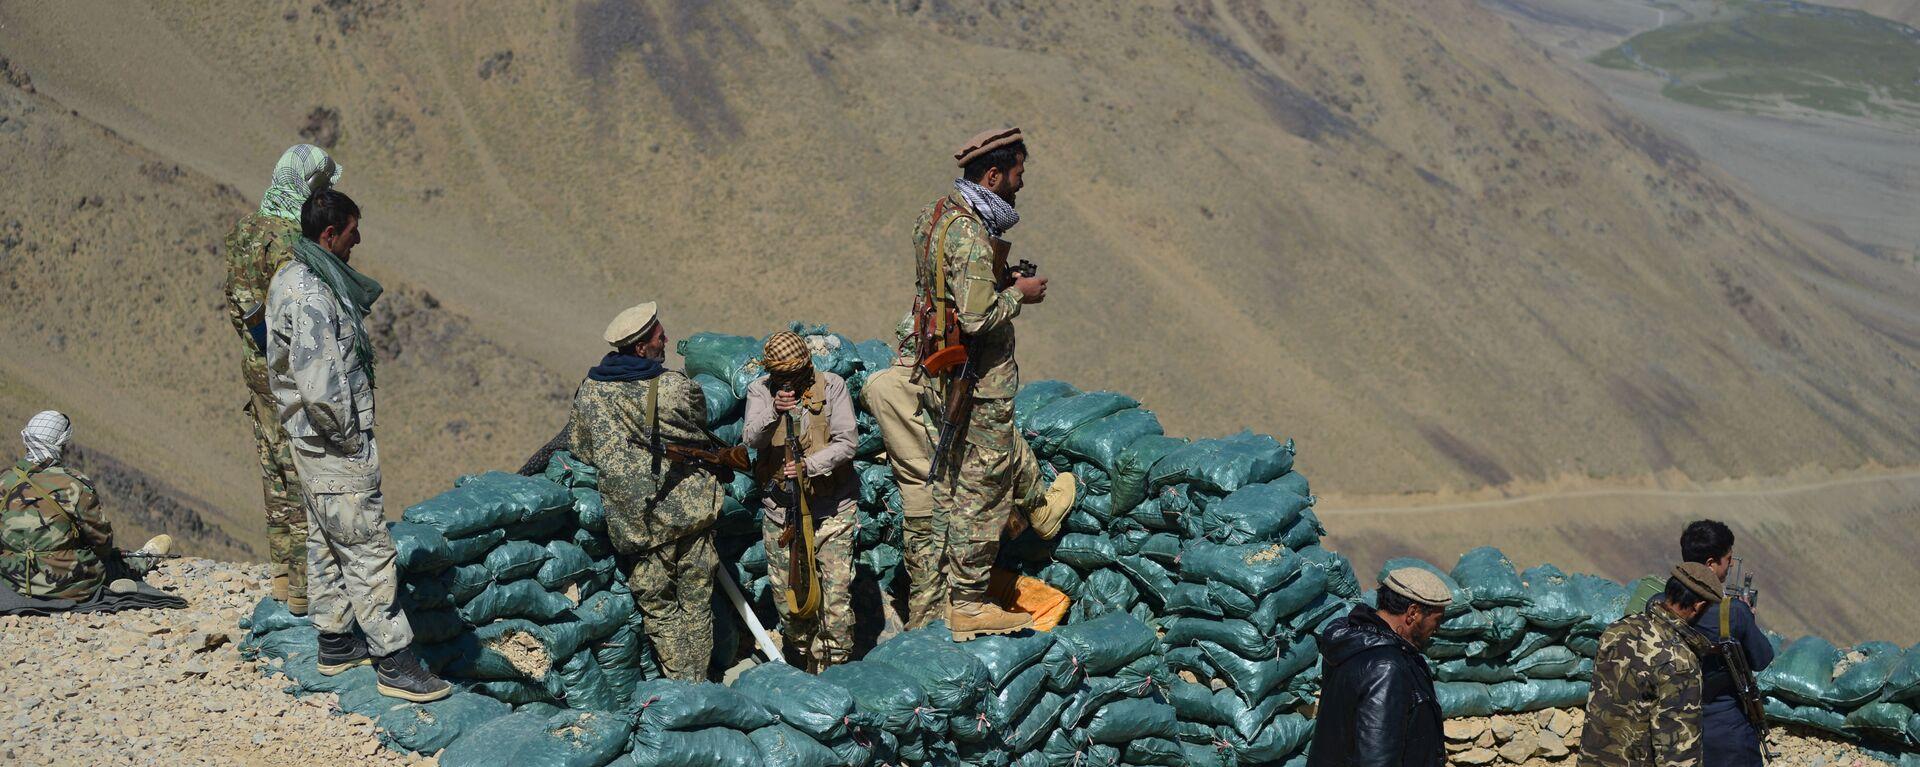 Движение афганского сопротивления на страже в провинции Панджшер - Sputnik Таджикистан, 1920, 06.09.2021